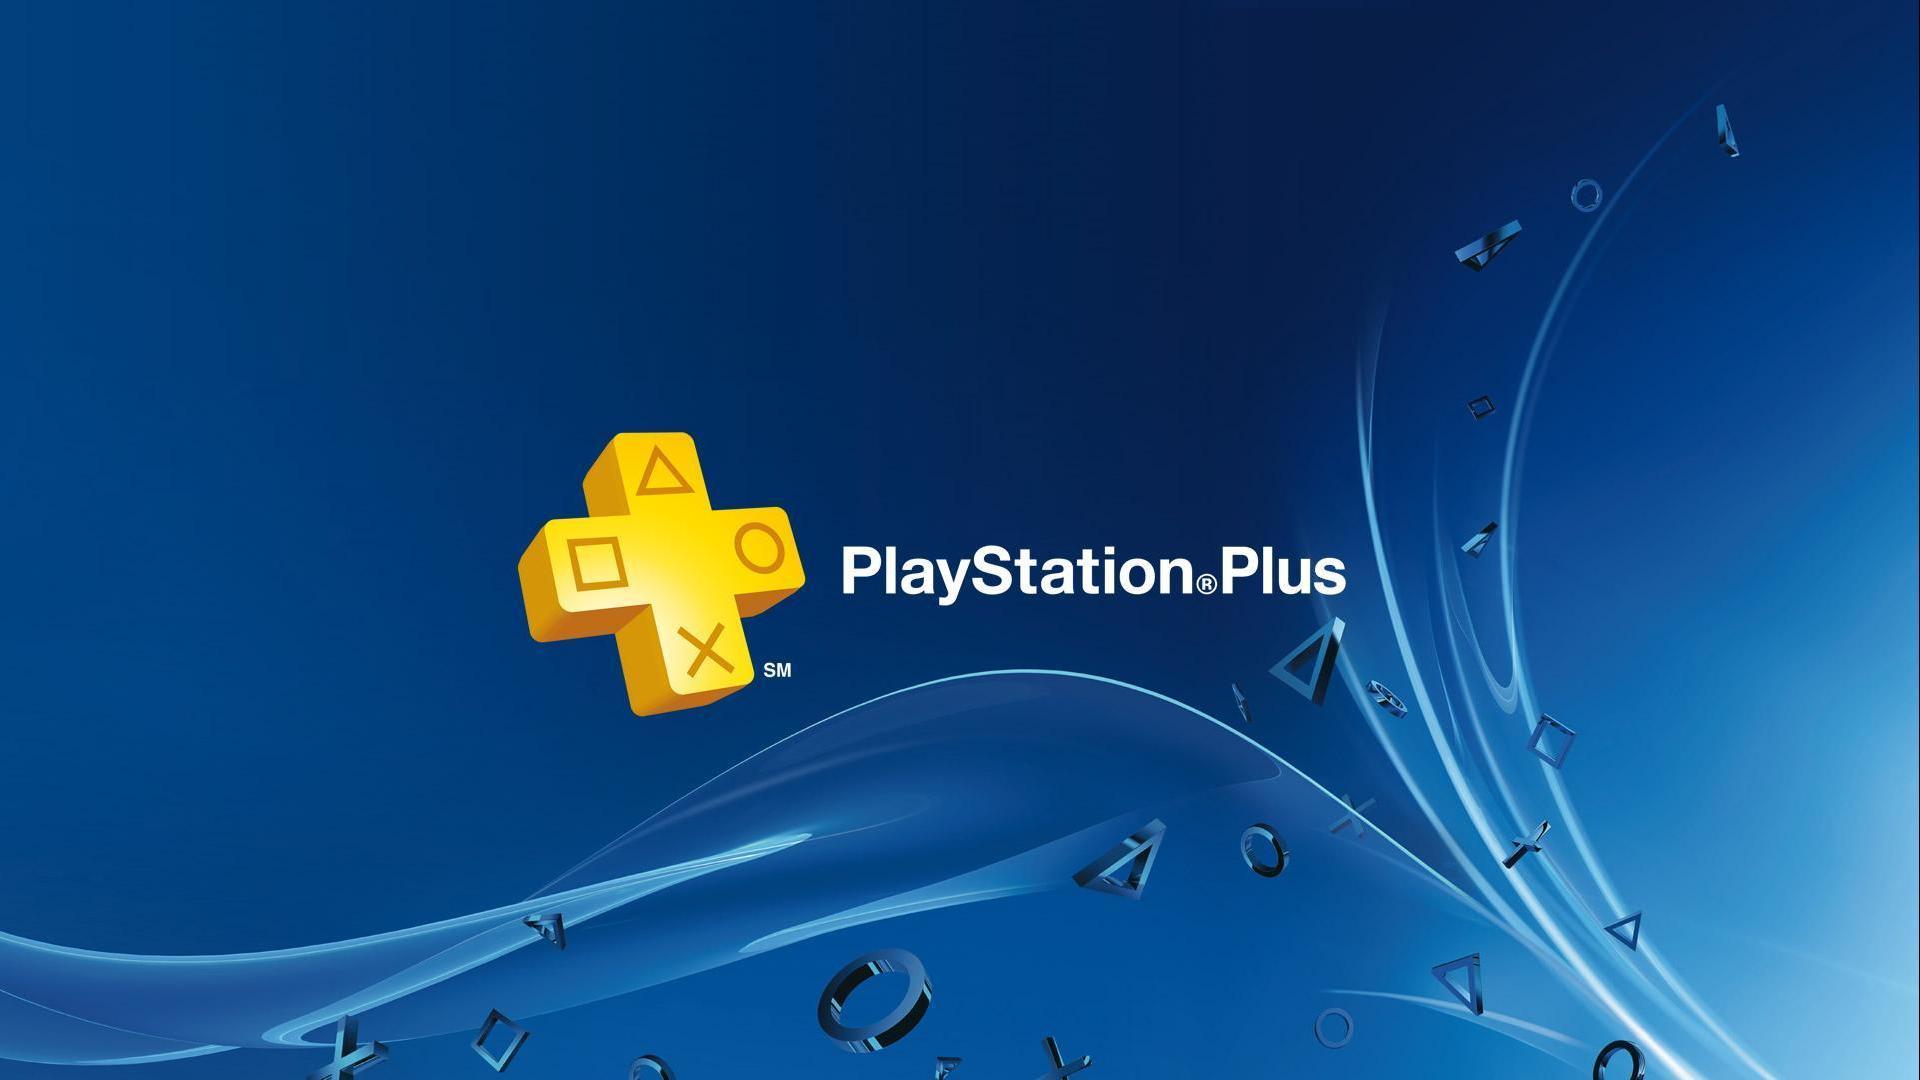 PlayStation reveló los títulos gratuitos de PS Plus que llegarán en septiembrey son UN BOMBAZO